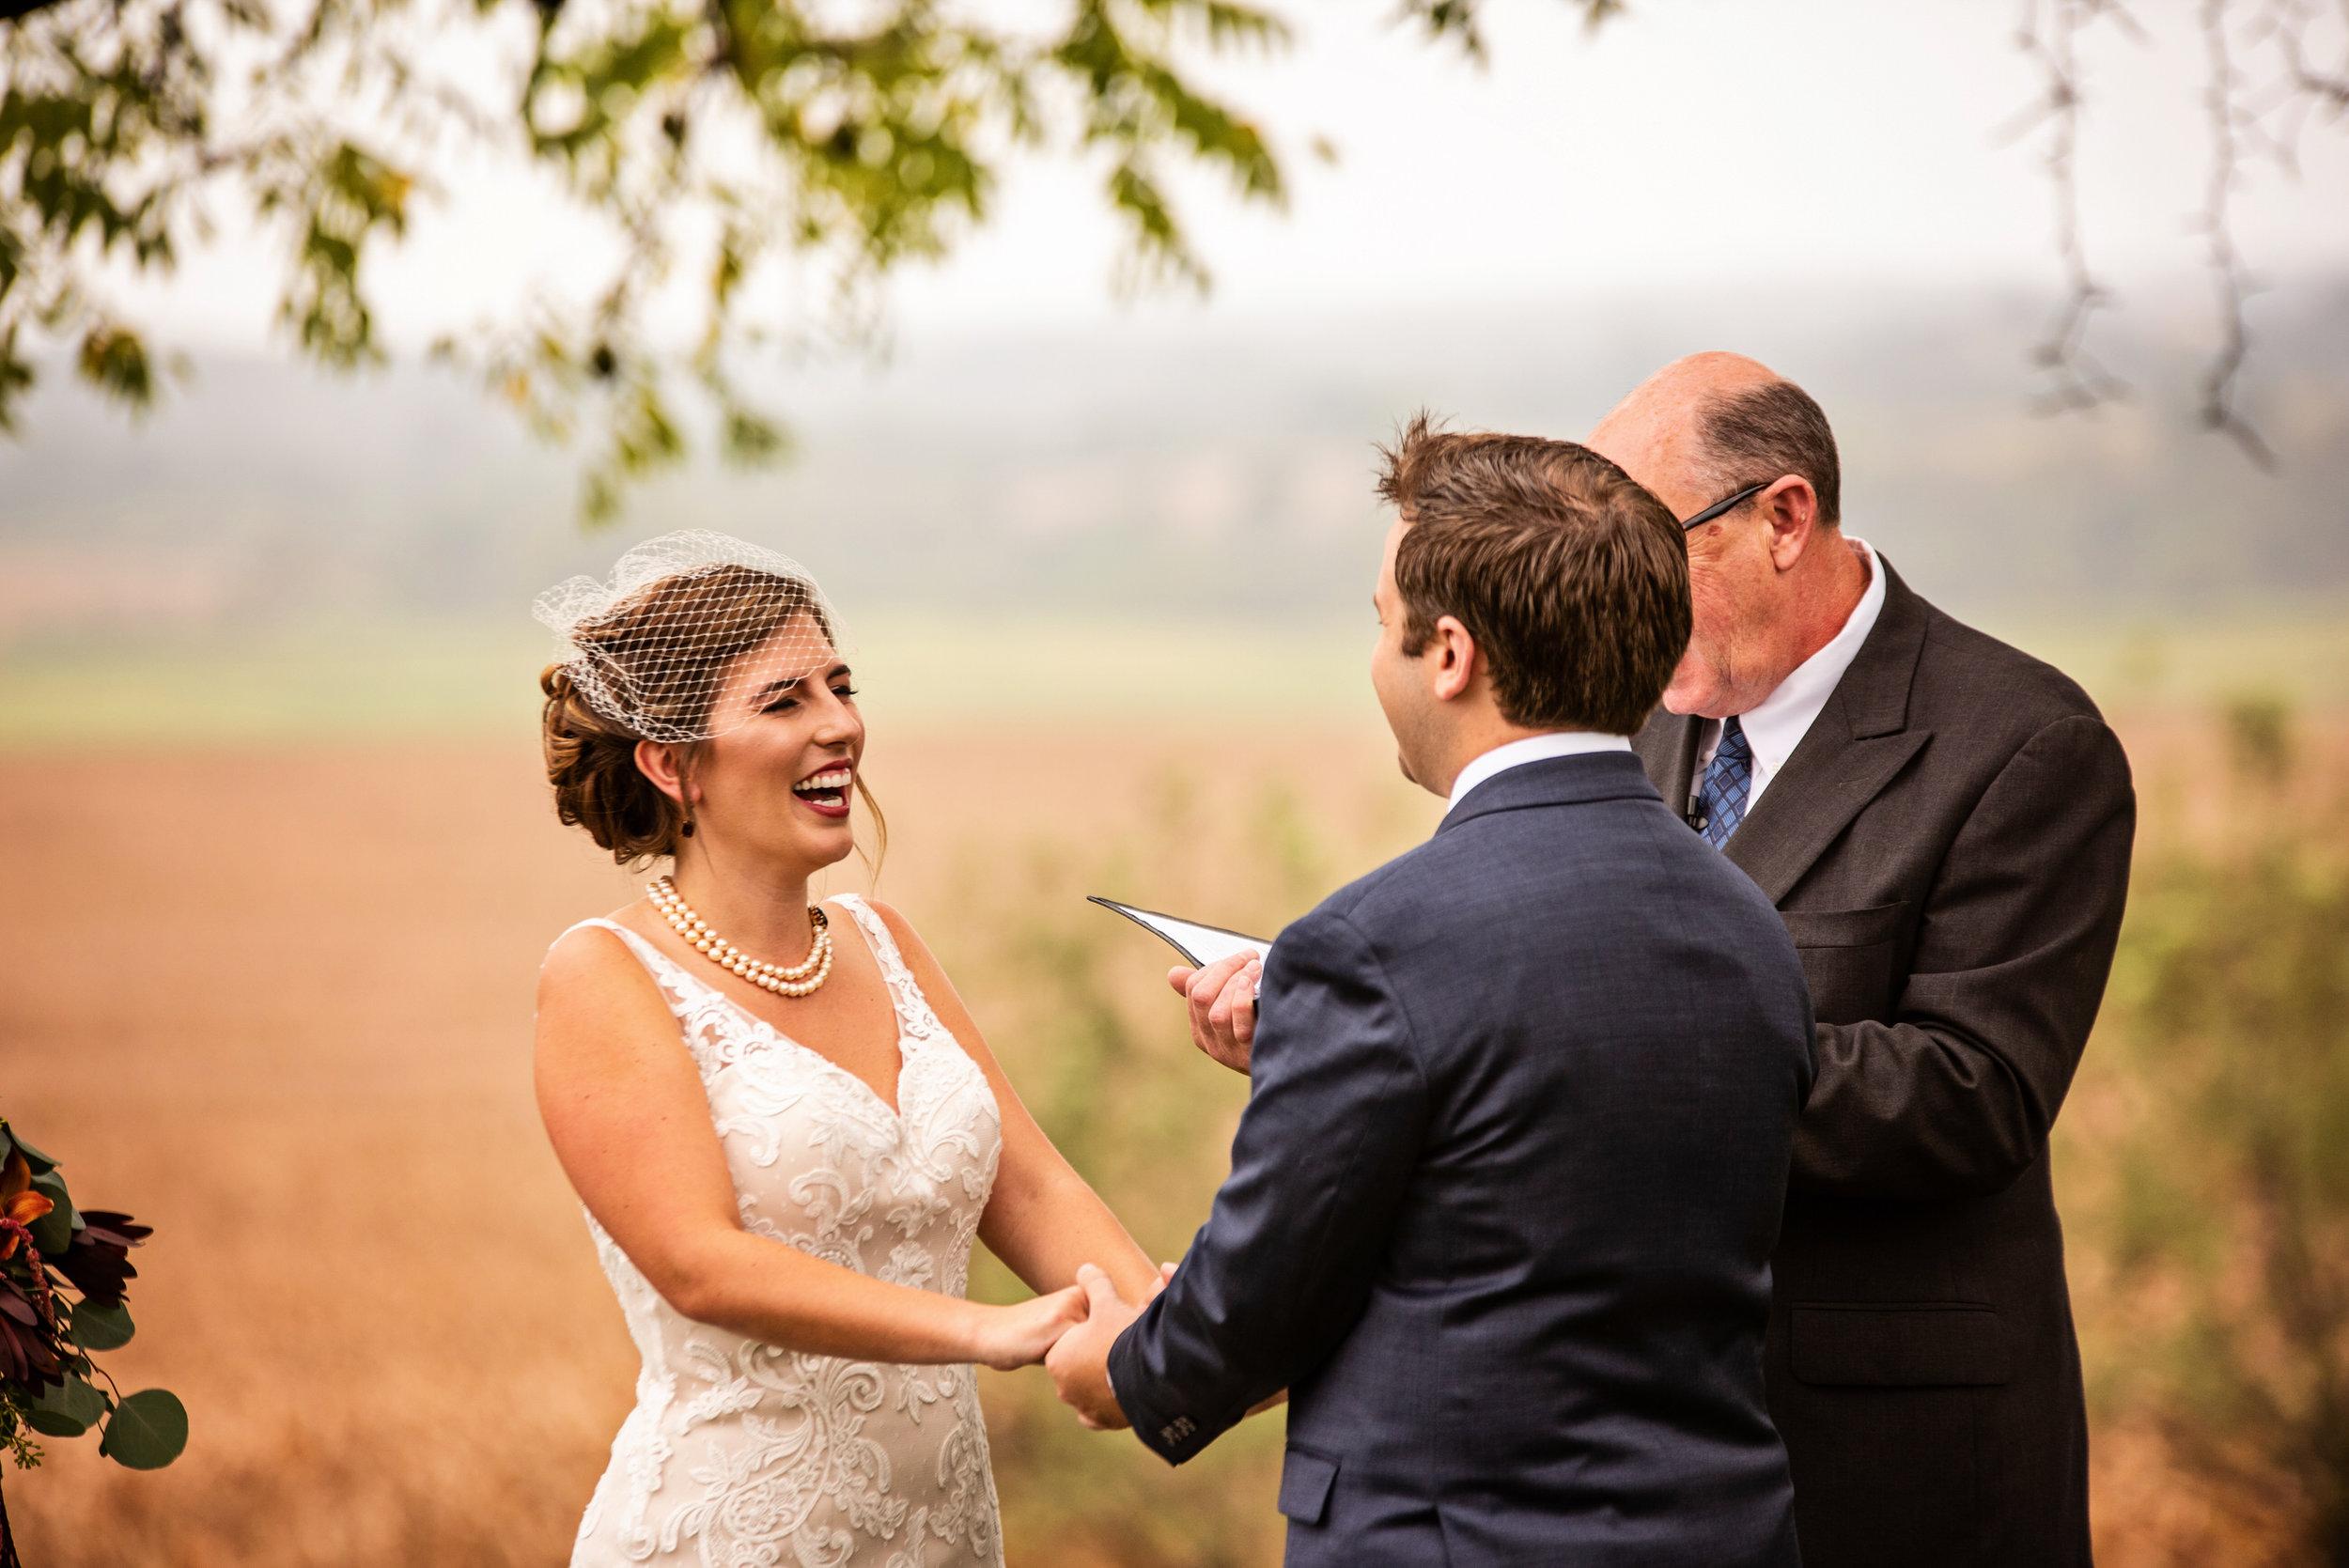 WalkersOverlookWedding-Angela&Ben-Ceremony-23.jpg